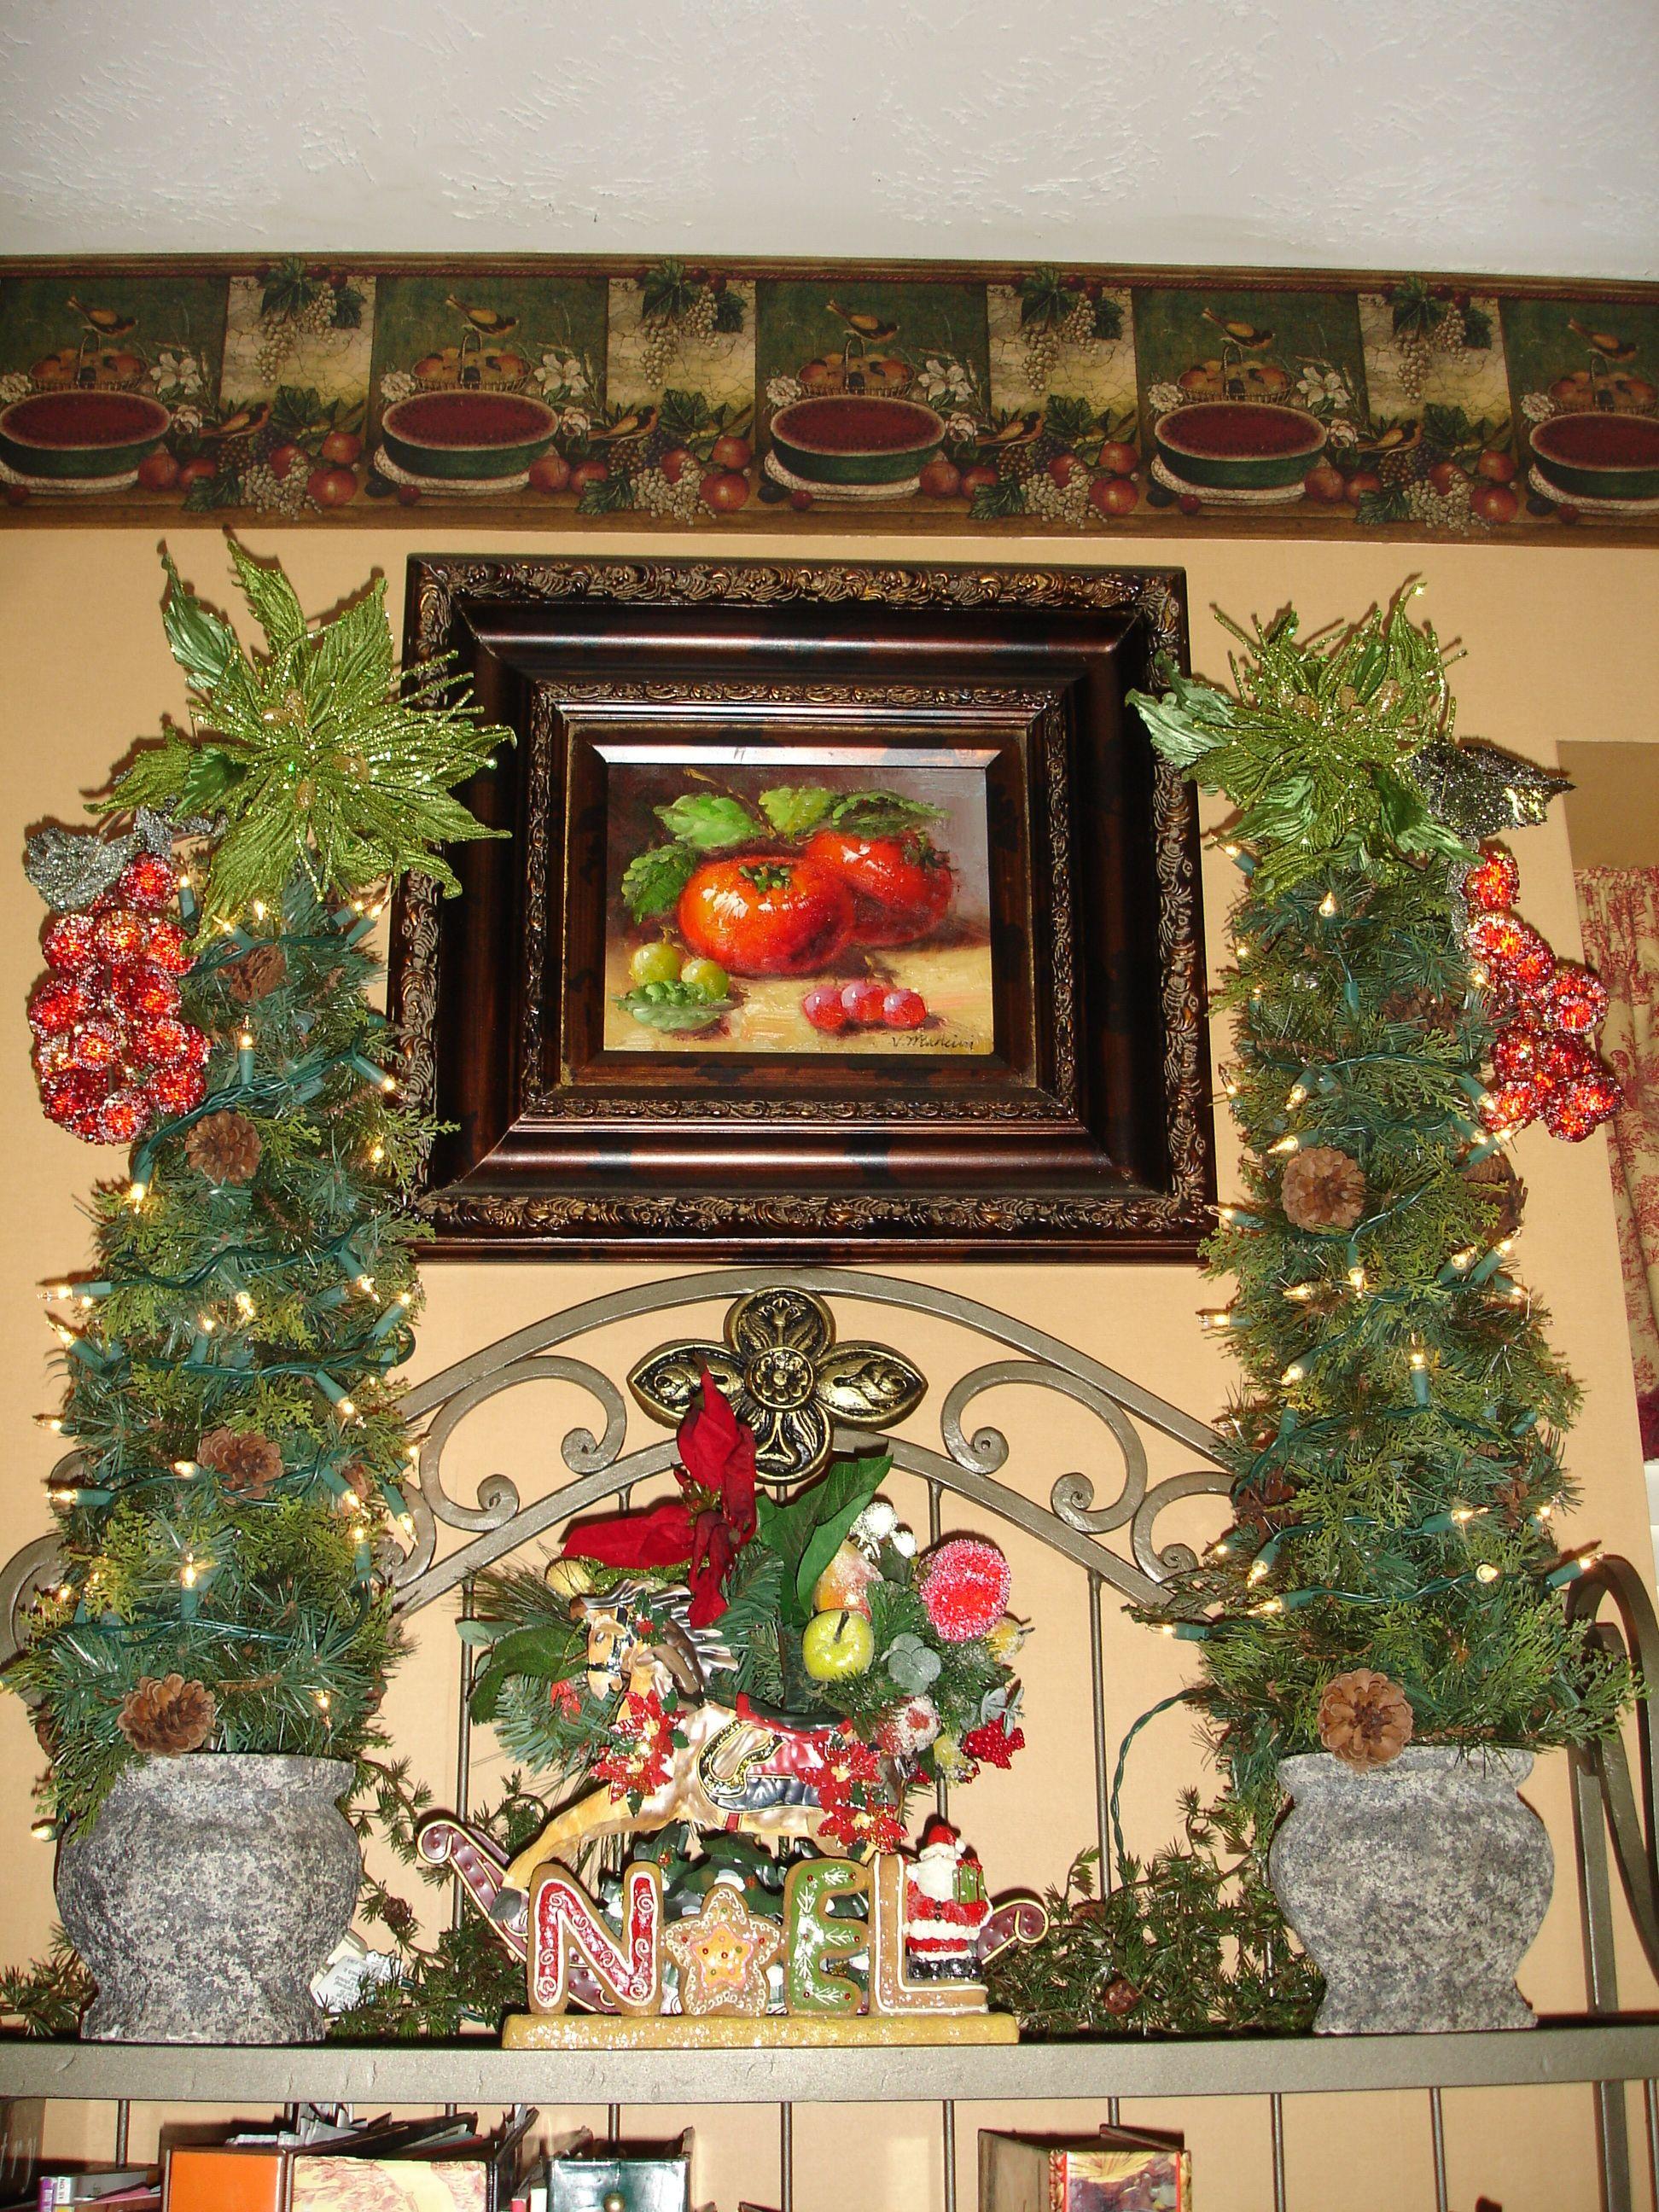 Baker's rack decor